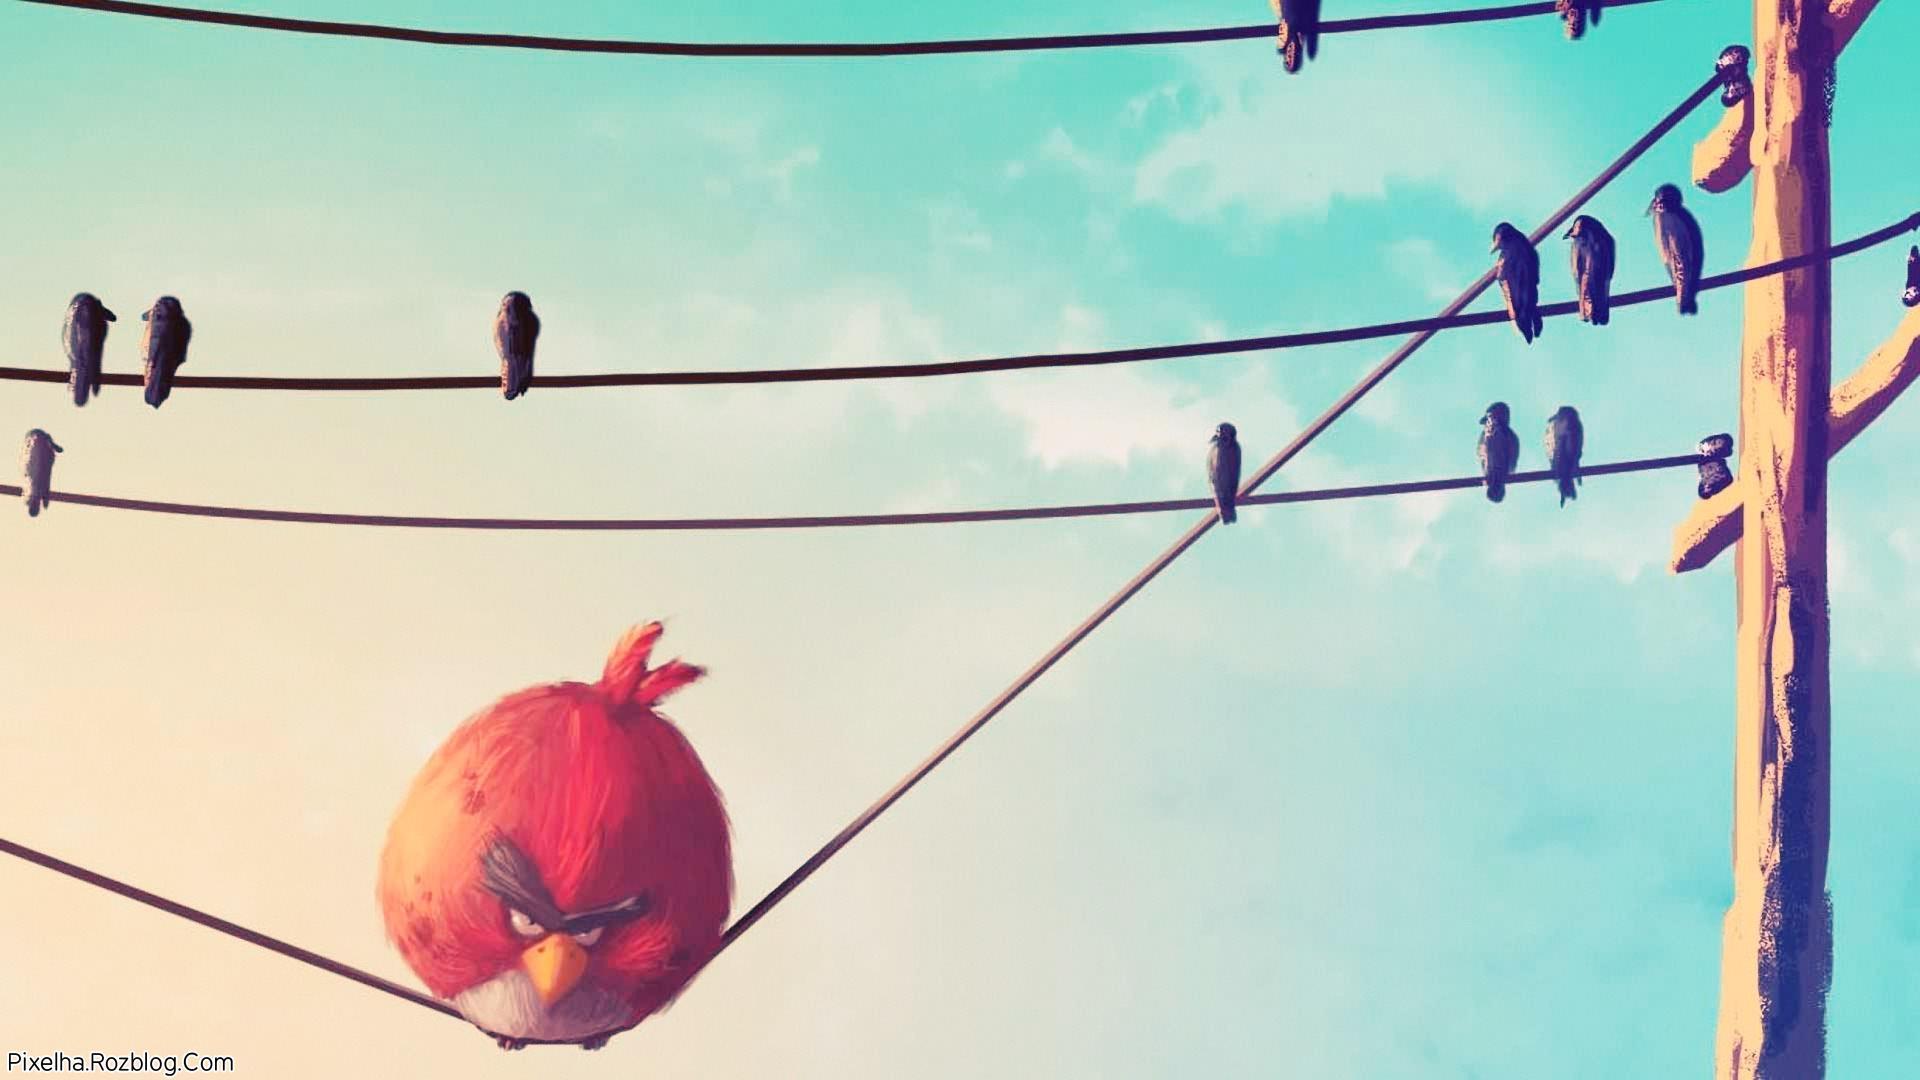 پرندگان خشمگین عصبانی